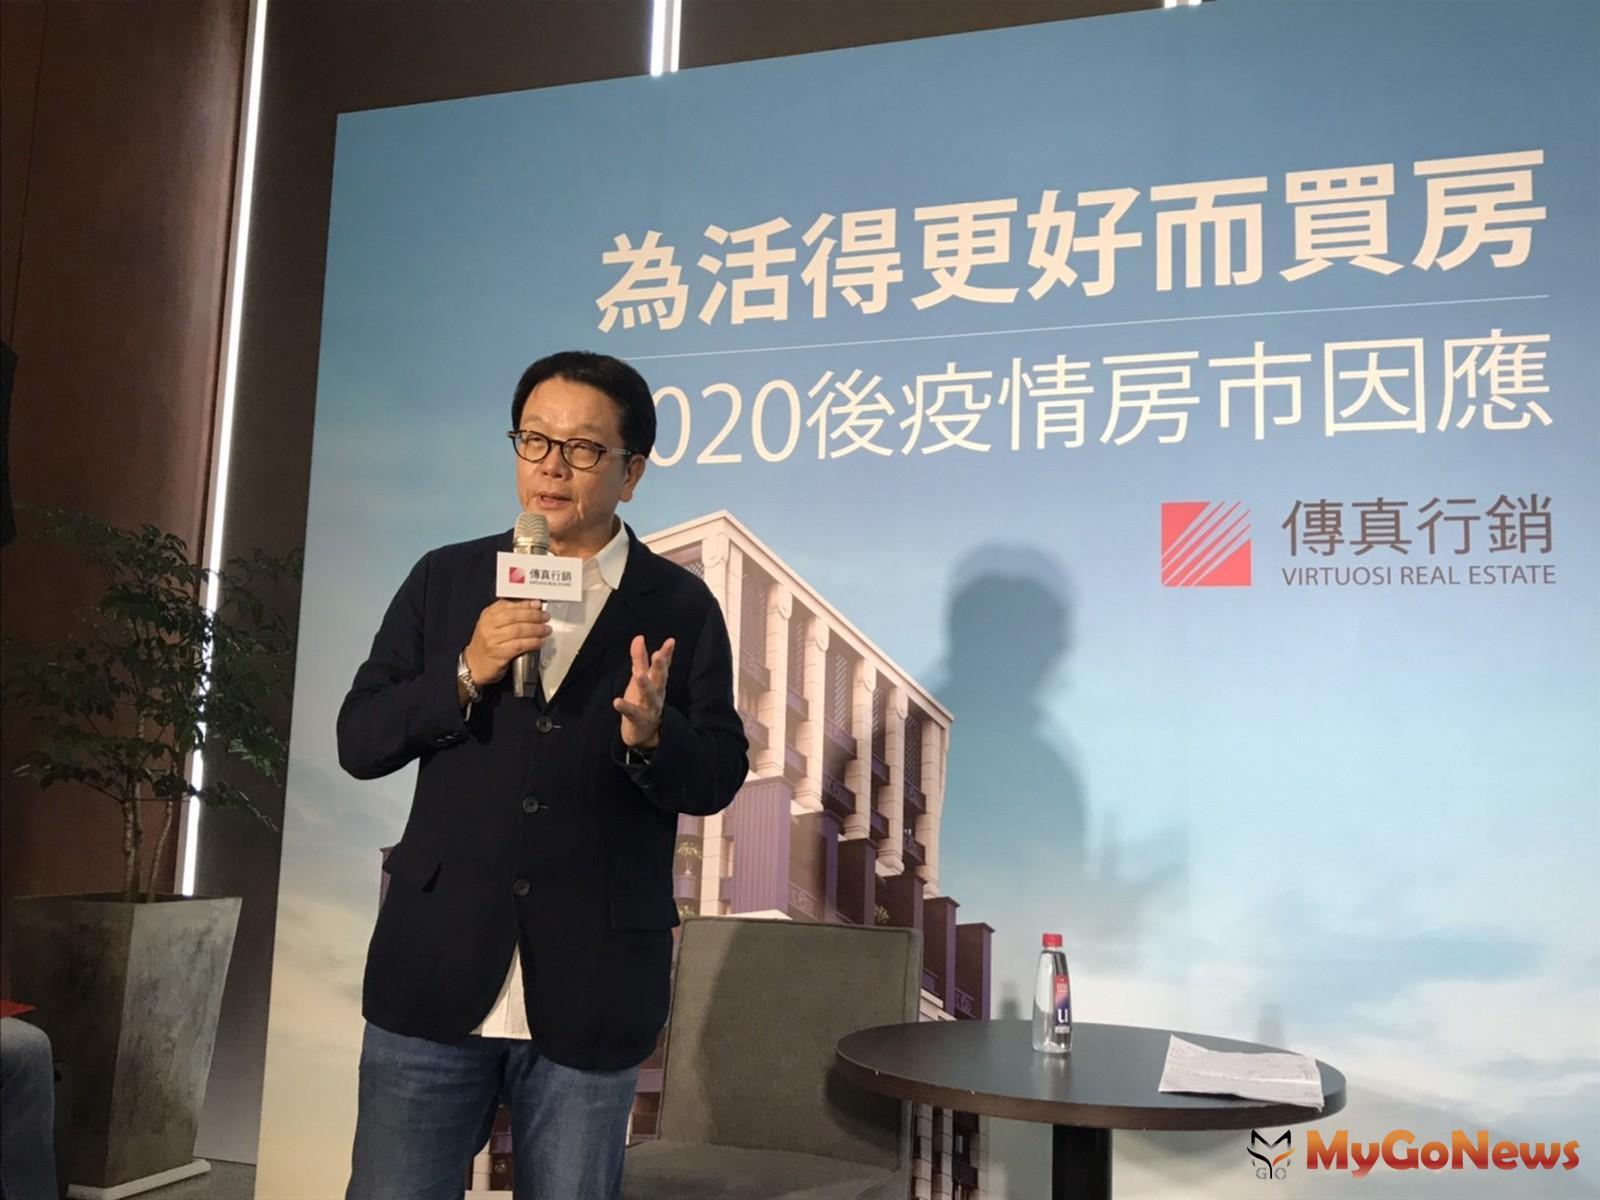 王明成:大健康時代,下半年房市「5變化、5走向」 MyGoNews房地產新聞 趨勢報導